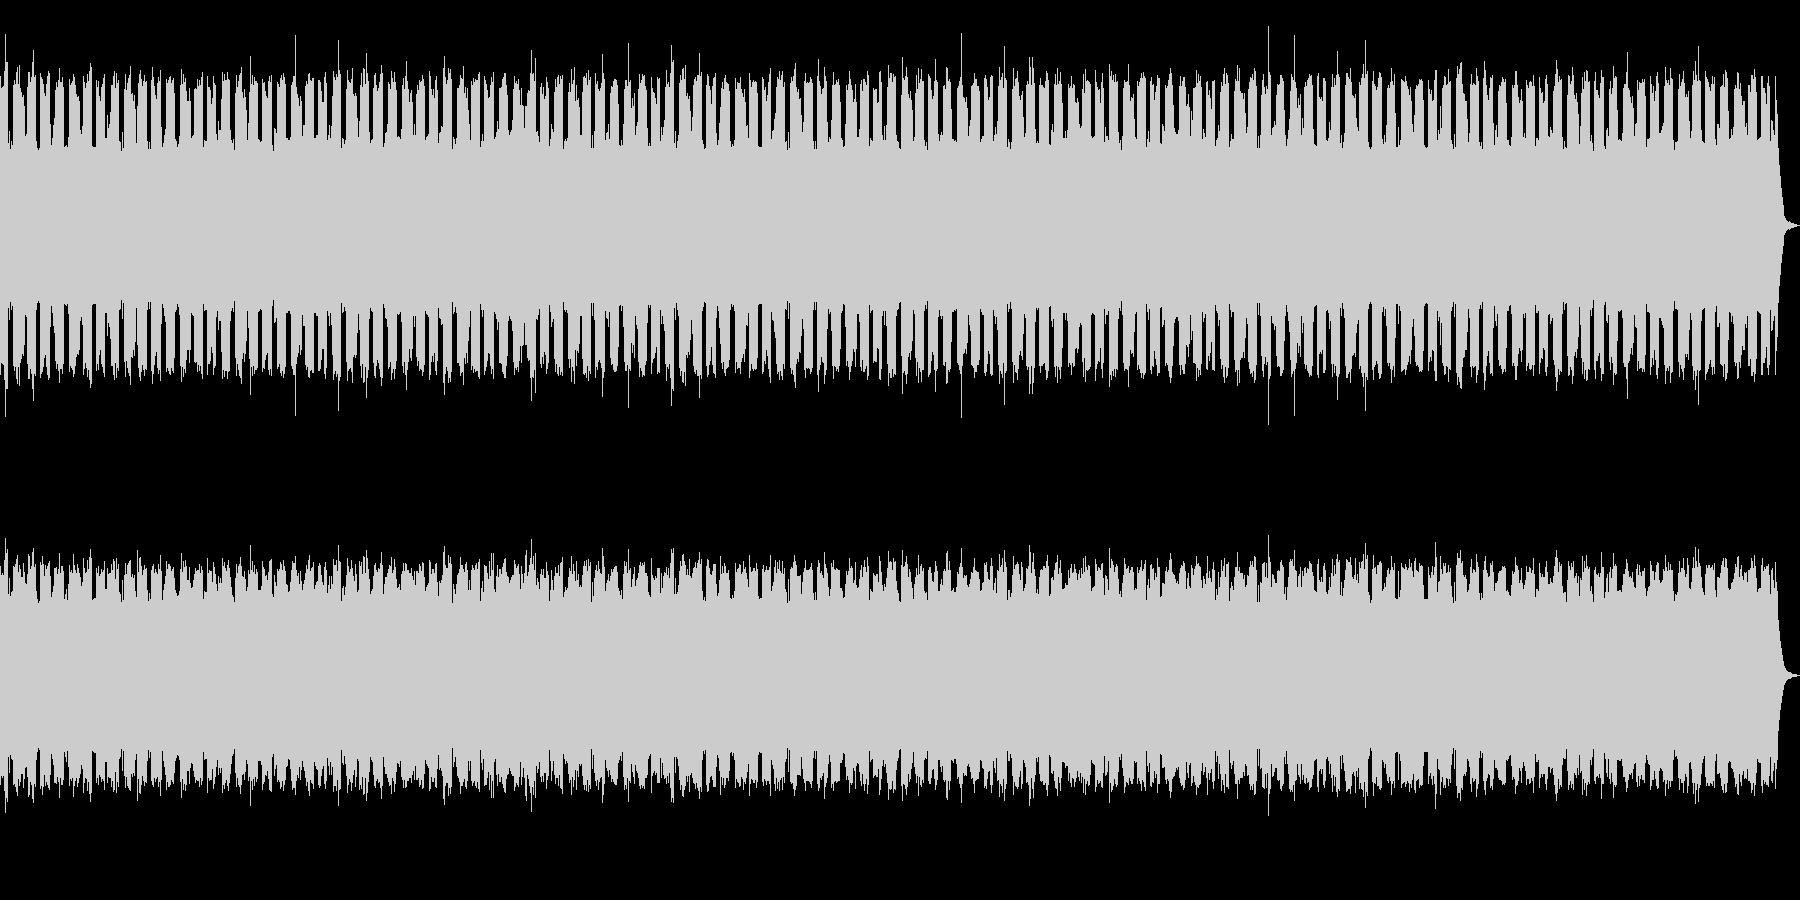 レーザーシューティングゲームのBGMの未再生の波形